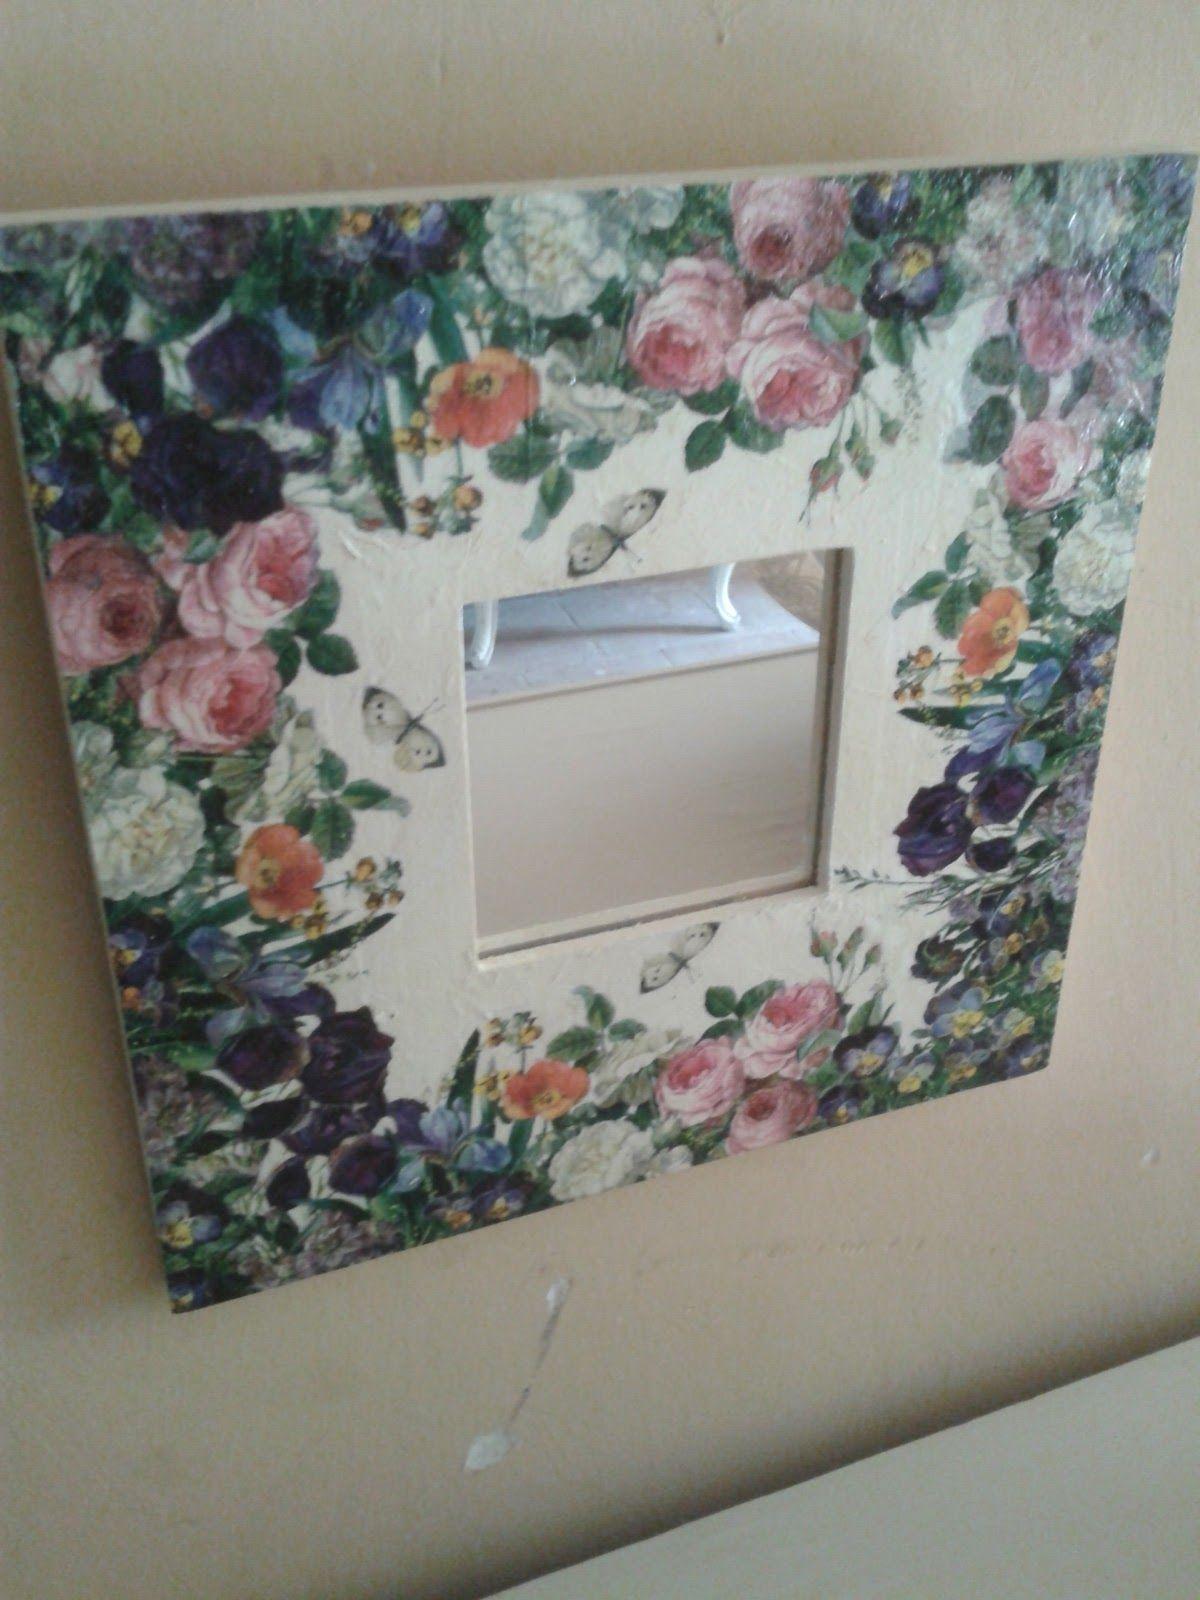 Malma del ikea con decoupage espejo marcos y artesan as de decoraci n - Marcos para cuadros ikea ...